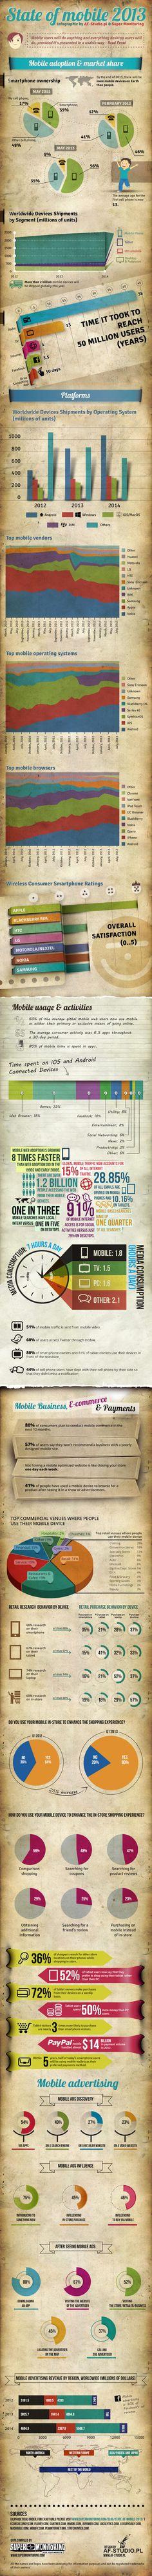 L'infographie est réalisée par l'équipe de supermonitoring et propose les dernières statistiques de croissance pour le mobile en 2013. Le panorama est complet puisque les informations vont de l'état du marché du mobile, le taux d'adoption de la téléphonie dans le monde ou encore les habitudes de consommation sur ces appareils.